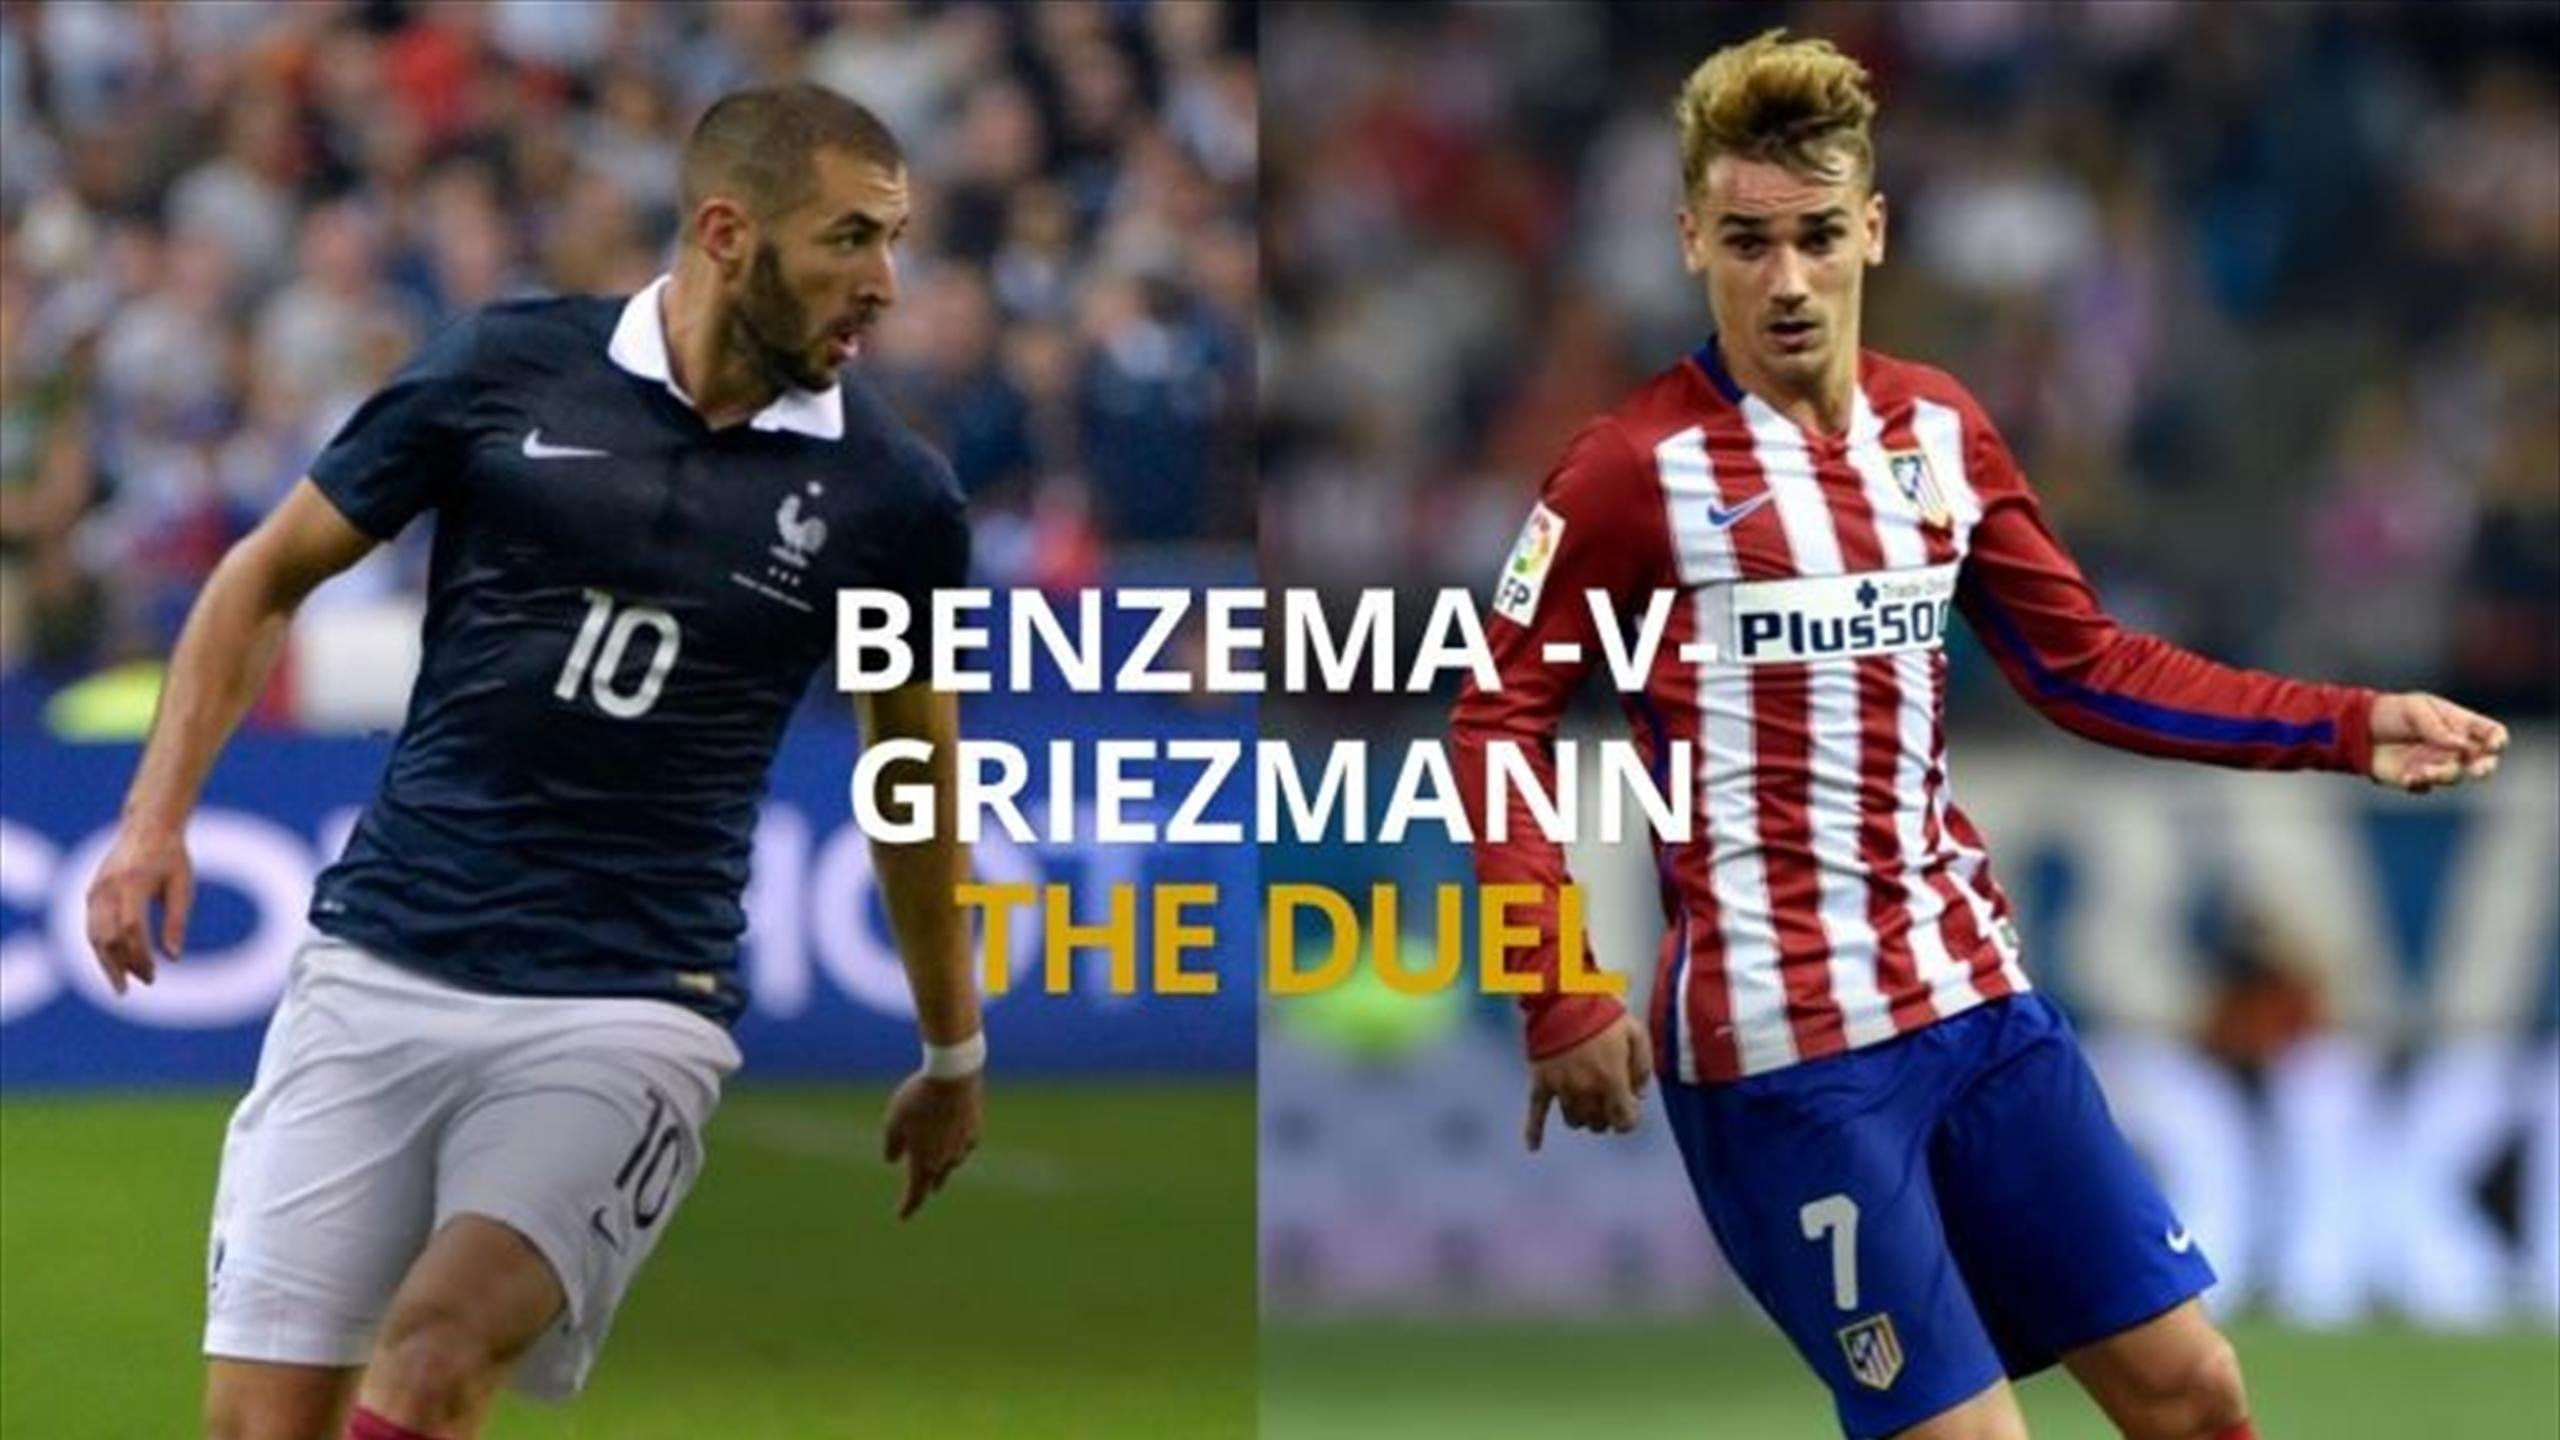 Benzema vs Griezmann - The Duel: Champions League final 2015/16